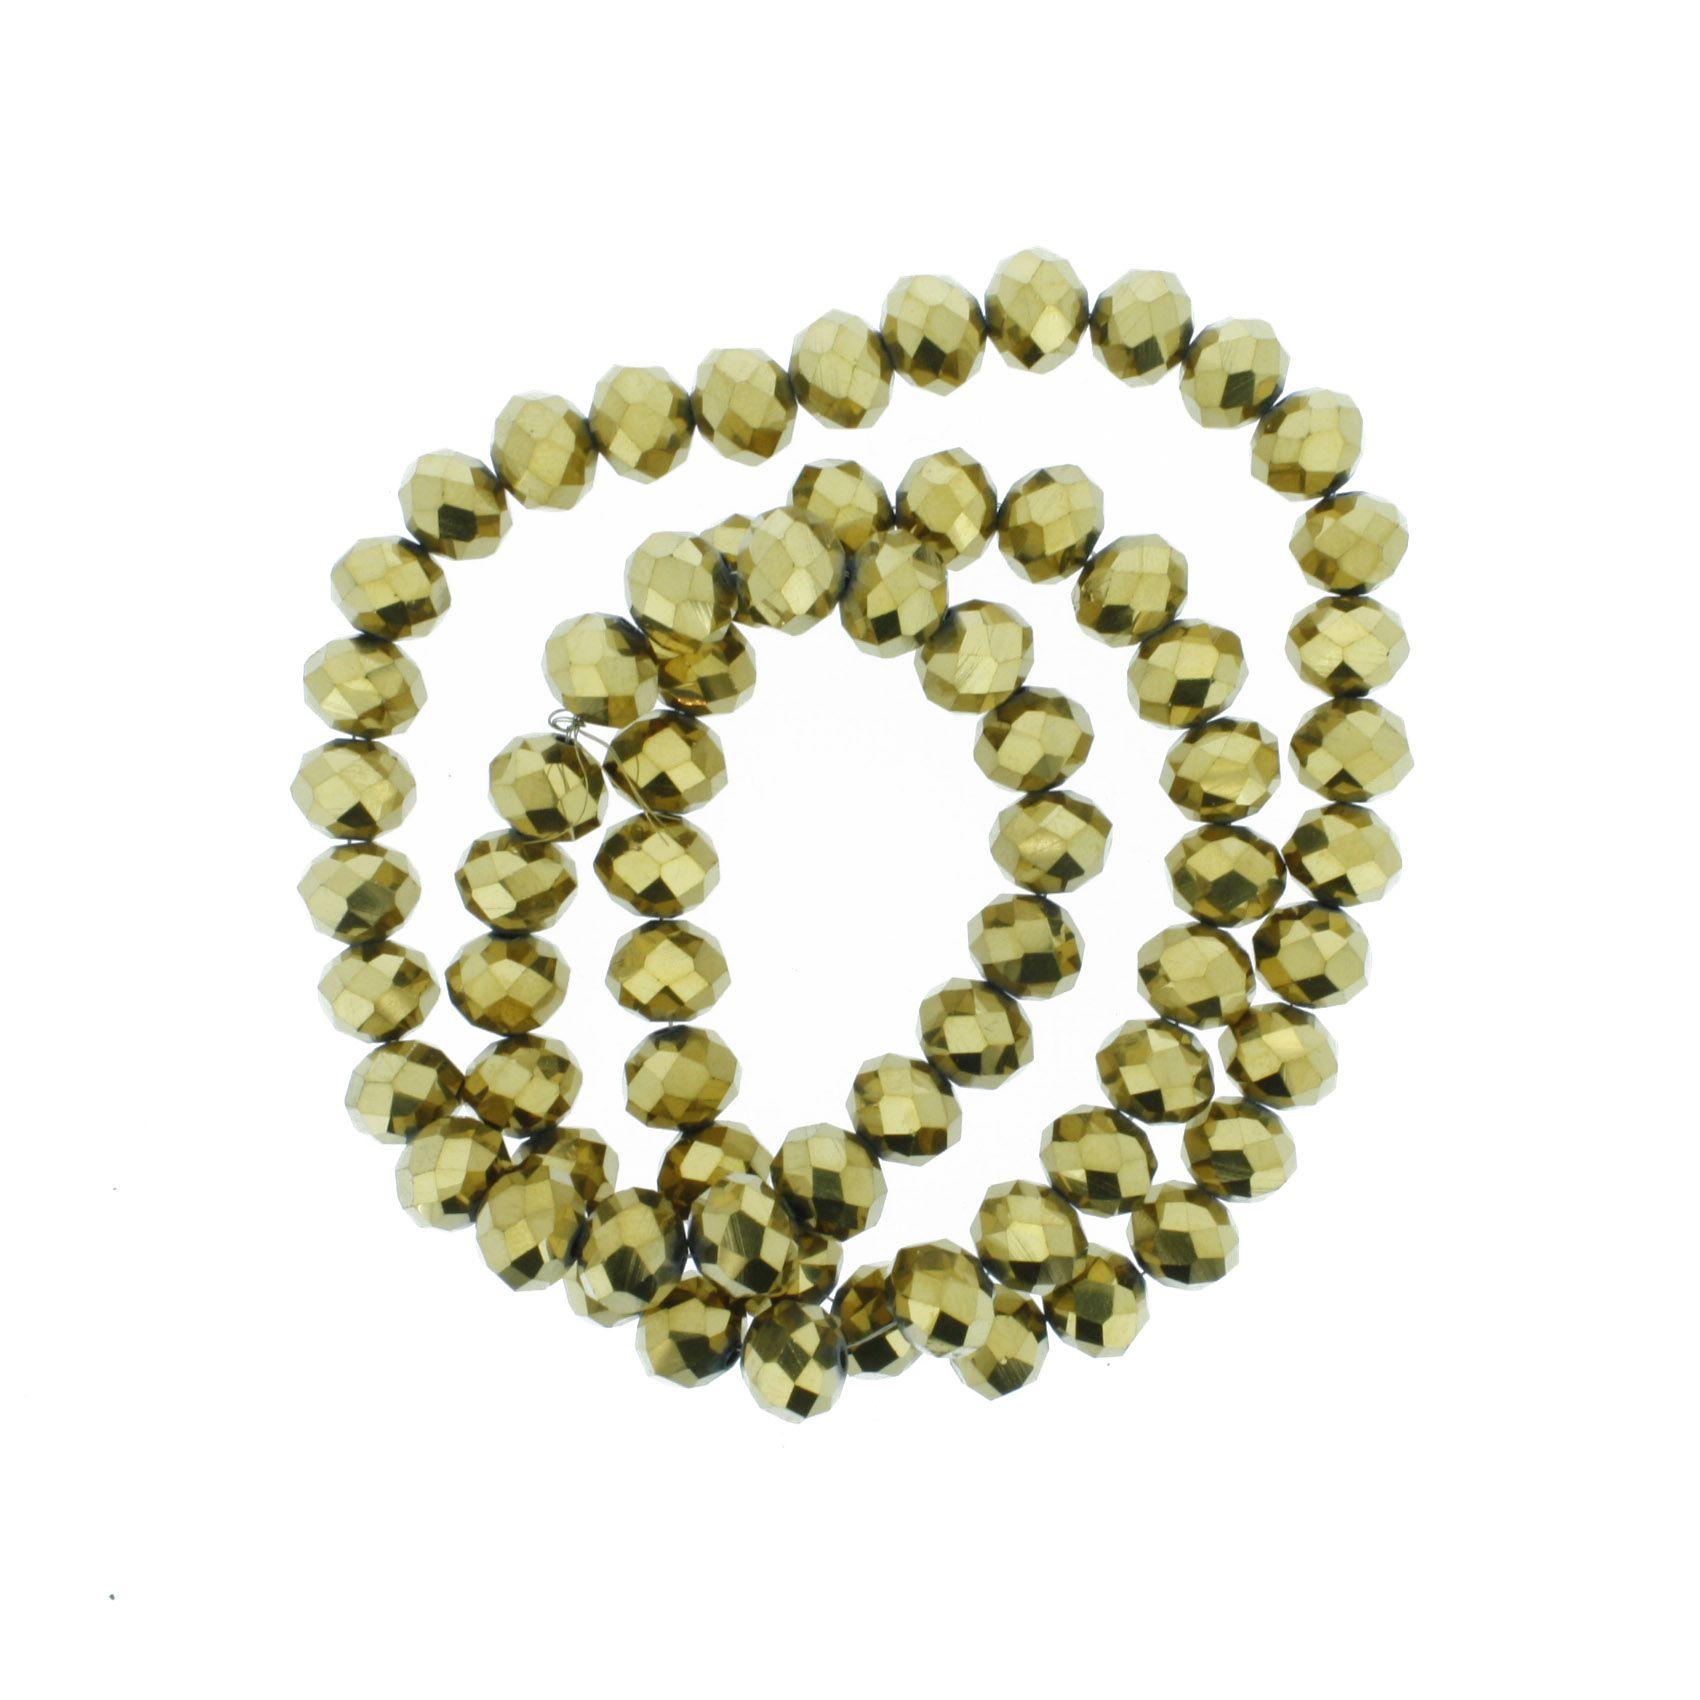 Fio de Cristal - Flat® - Dourado - 10mm  - Stéphanie Bijoux® - Peças para Bijuterias e Artesanato